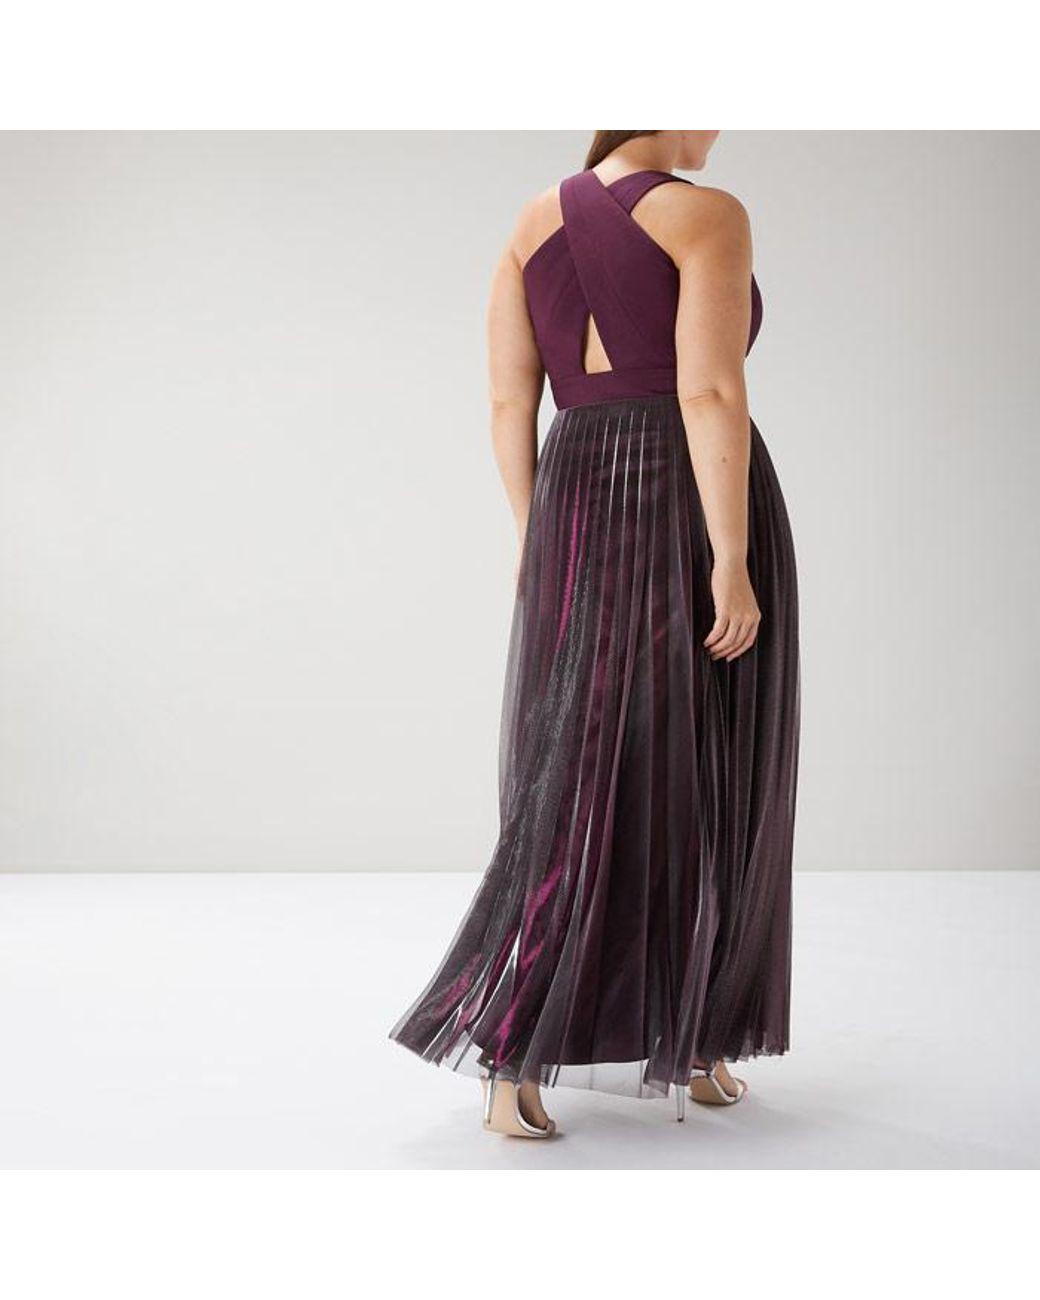 5c9b80255c Coast Violetta Pleated Maxi Dress Cc - Lyst